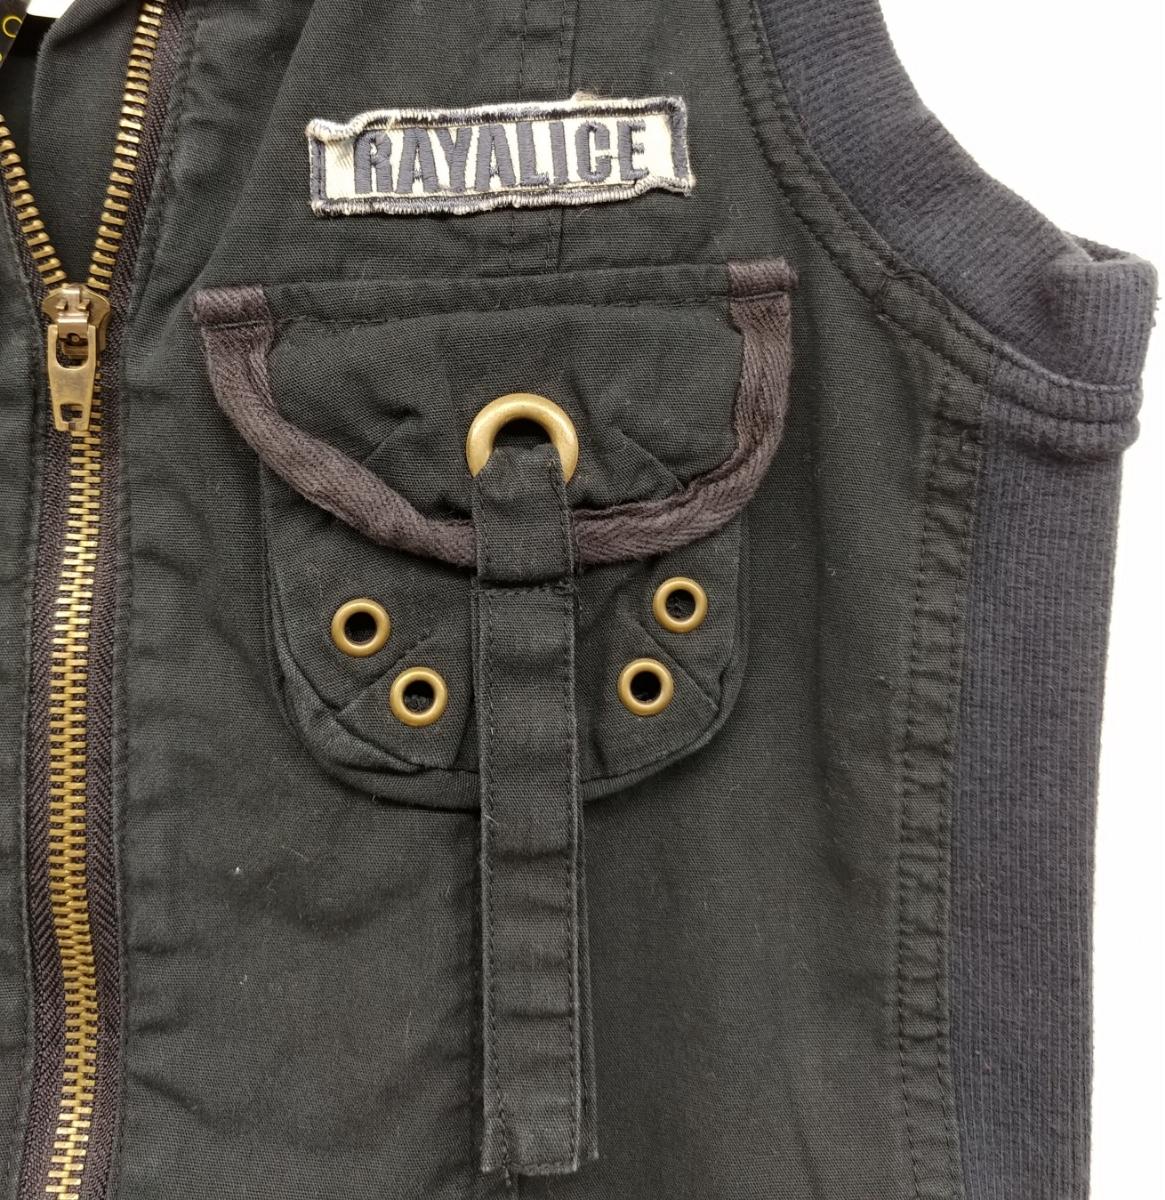 RAYALICE 女児ワンピース ノースリーブ 襟つき  サイズ:140㎝ QUAL:綿100% col:ブラック 新品未使用(タグ付き) _画像3